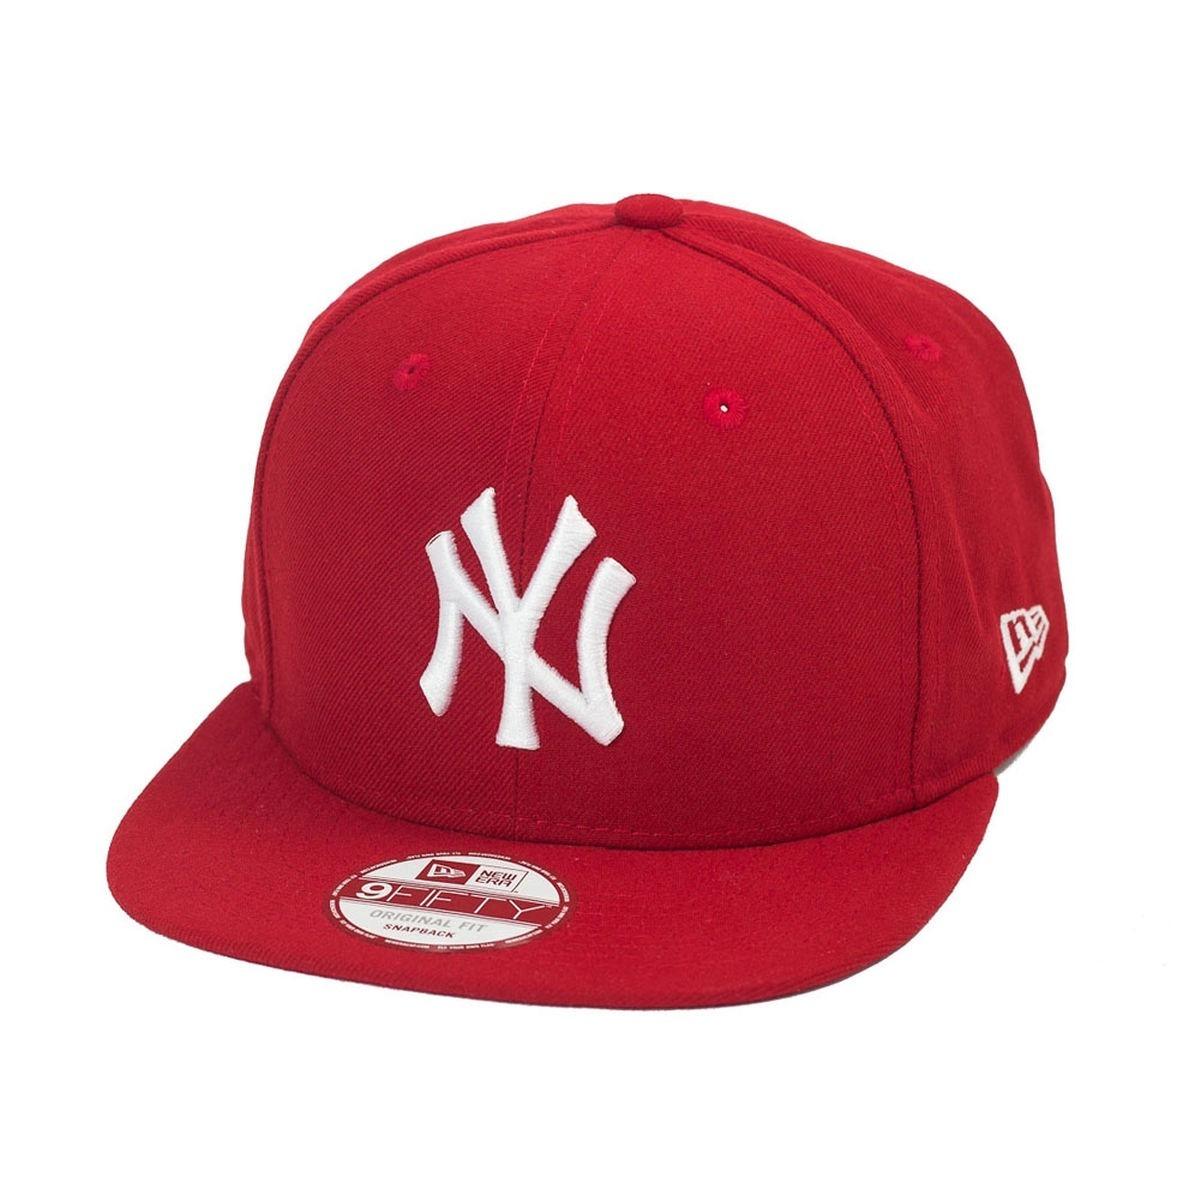 boné new era - new york yankees mlb - aba reta - vermelho. Carregando zoom. 167f04d6bf3